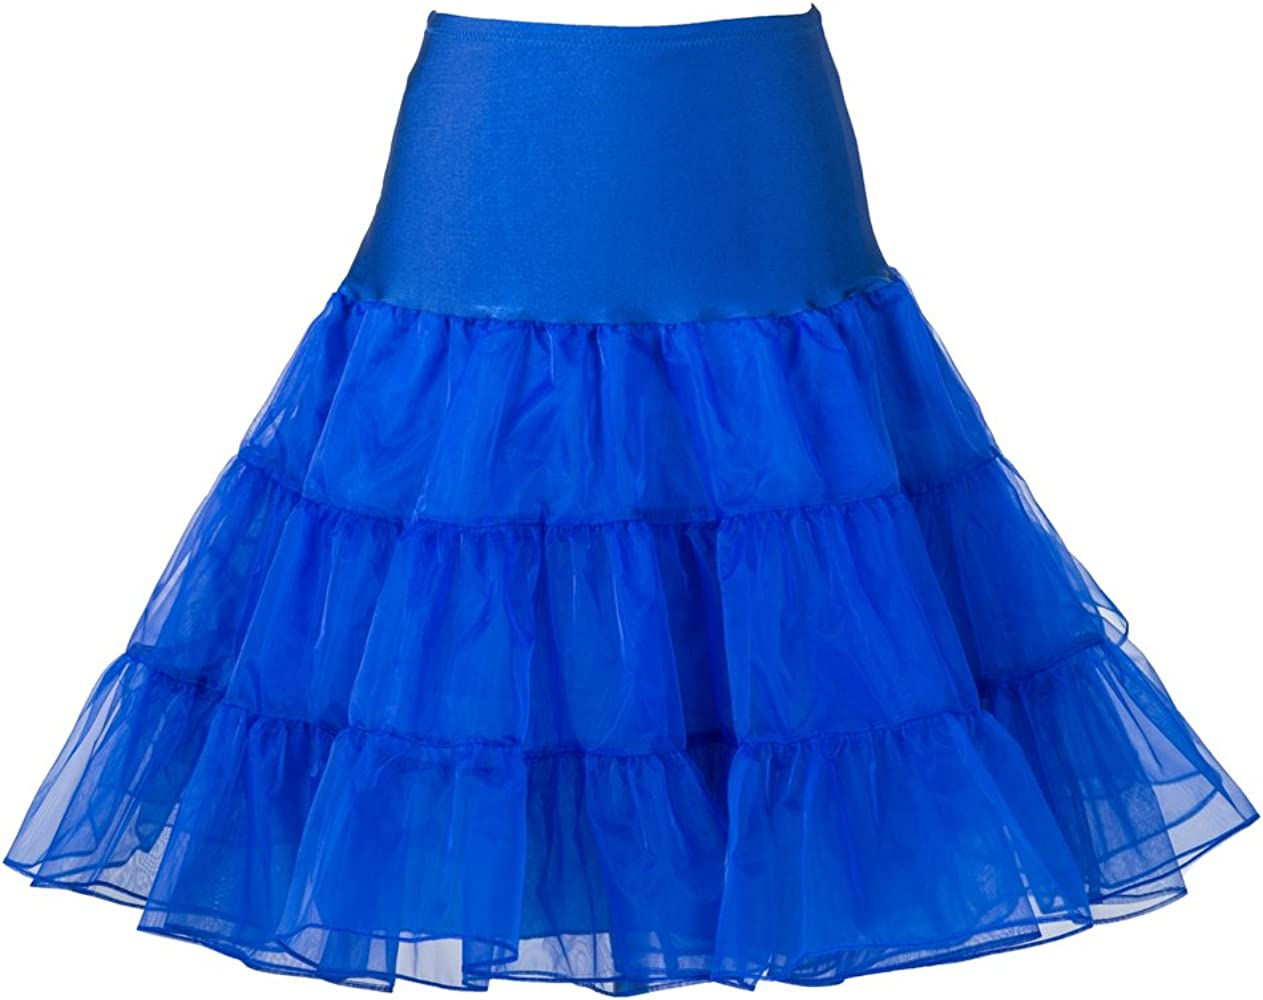 los años 50 Rockabilly Vintage falda de la enagua, 18